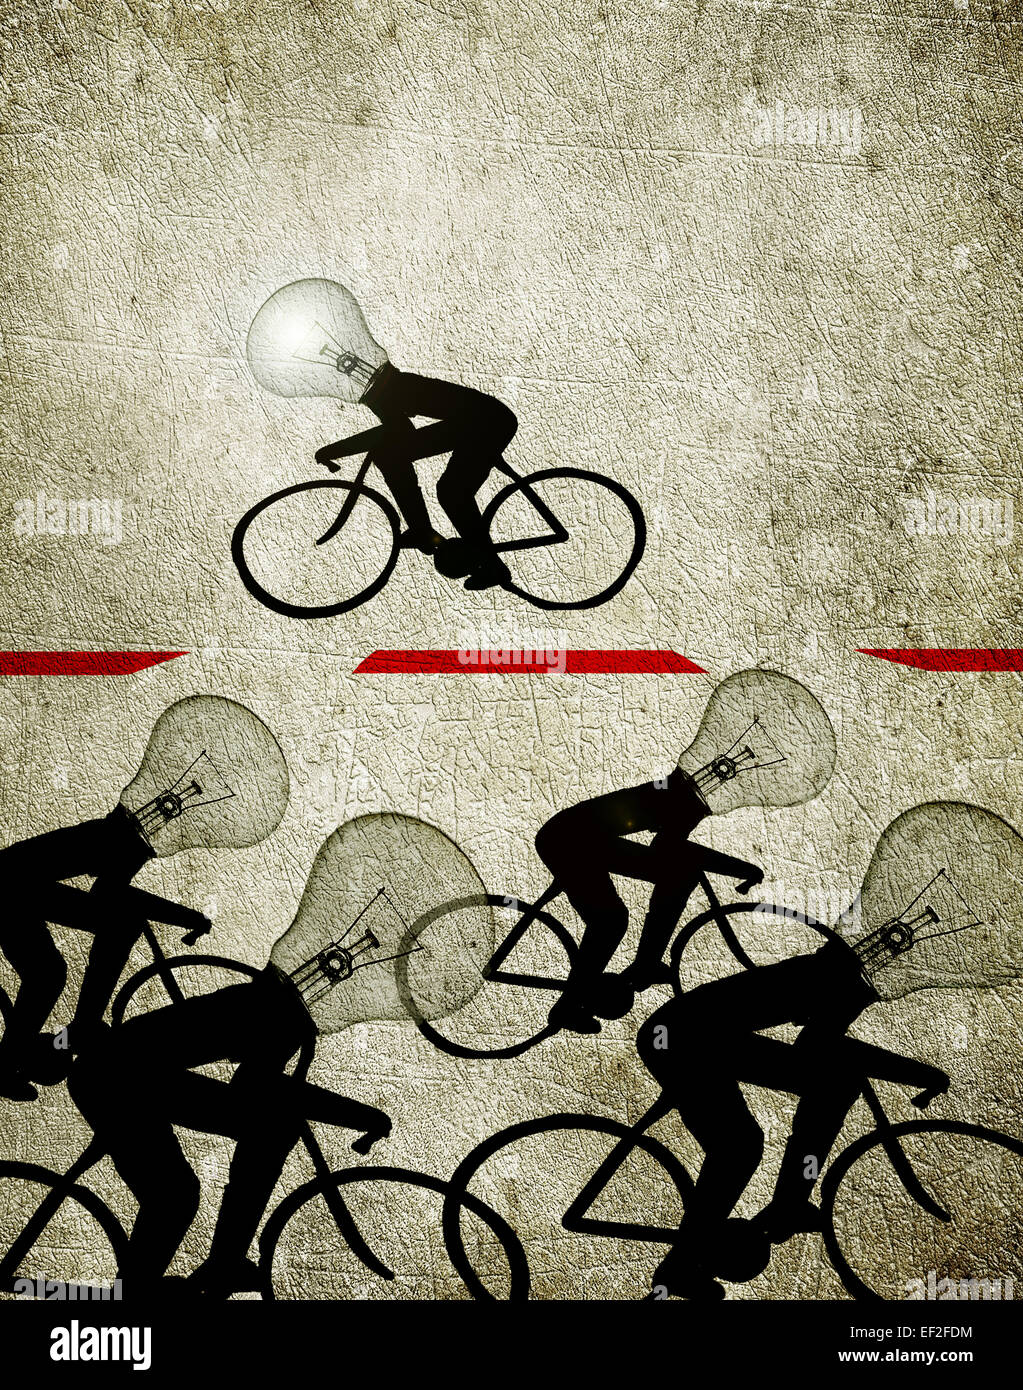 Les cyclistes avec des têtes d'ampoule illustration creativity concept Banque D'Images